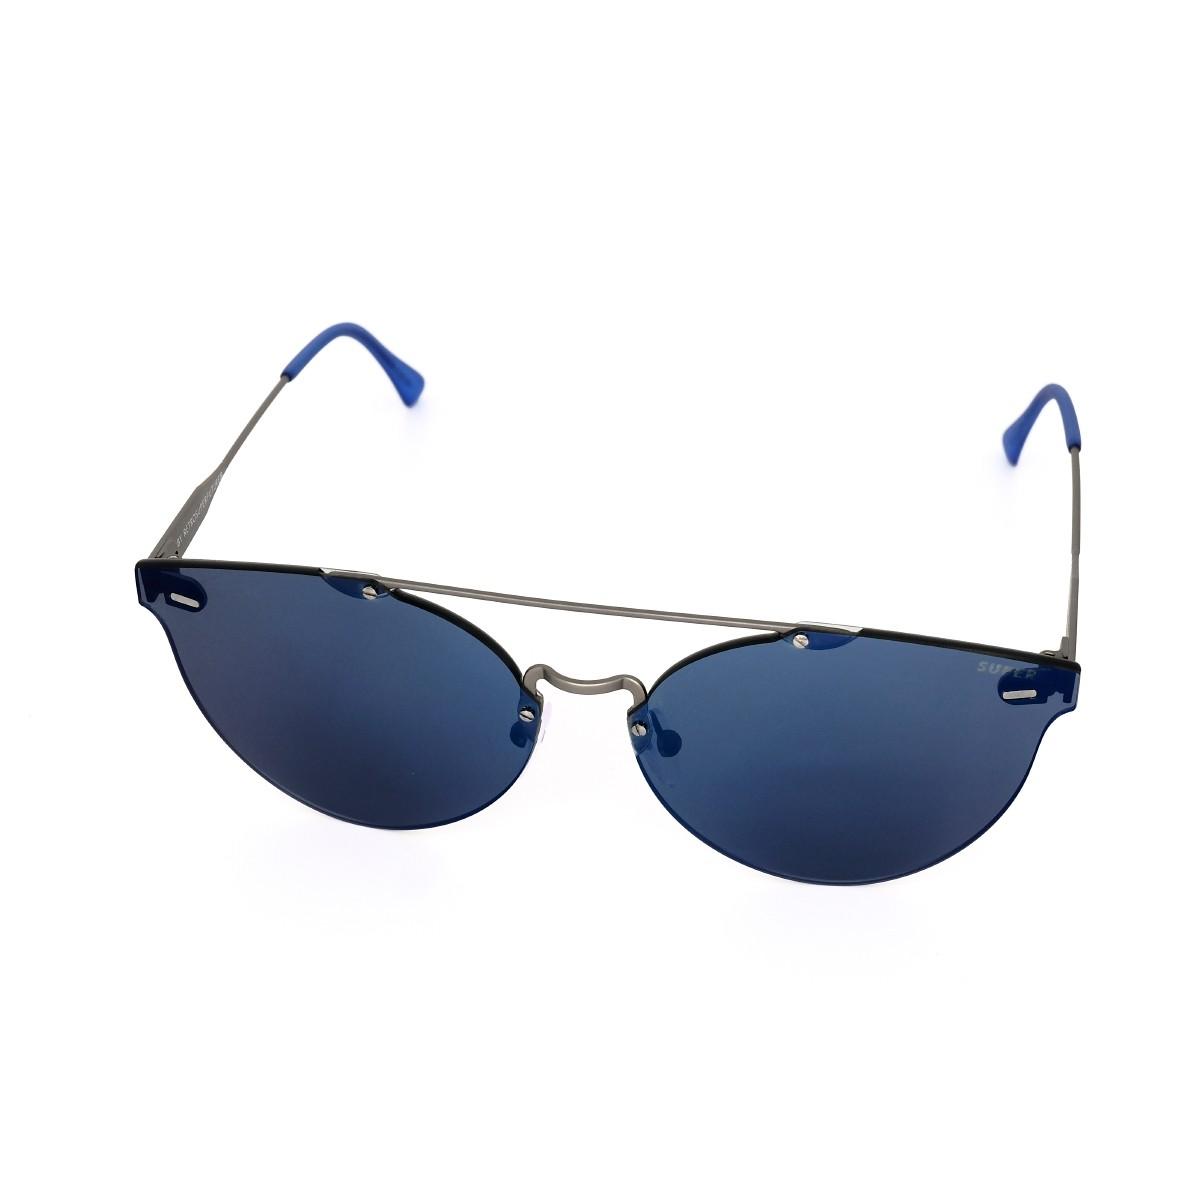 Super Tuttolente Giaguaro Blue, 156,00€, Occhiali Super Blu a forma Mascherina